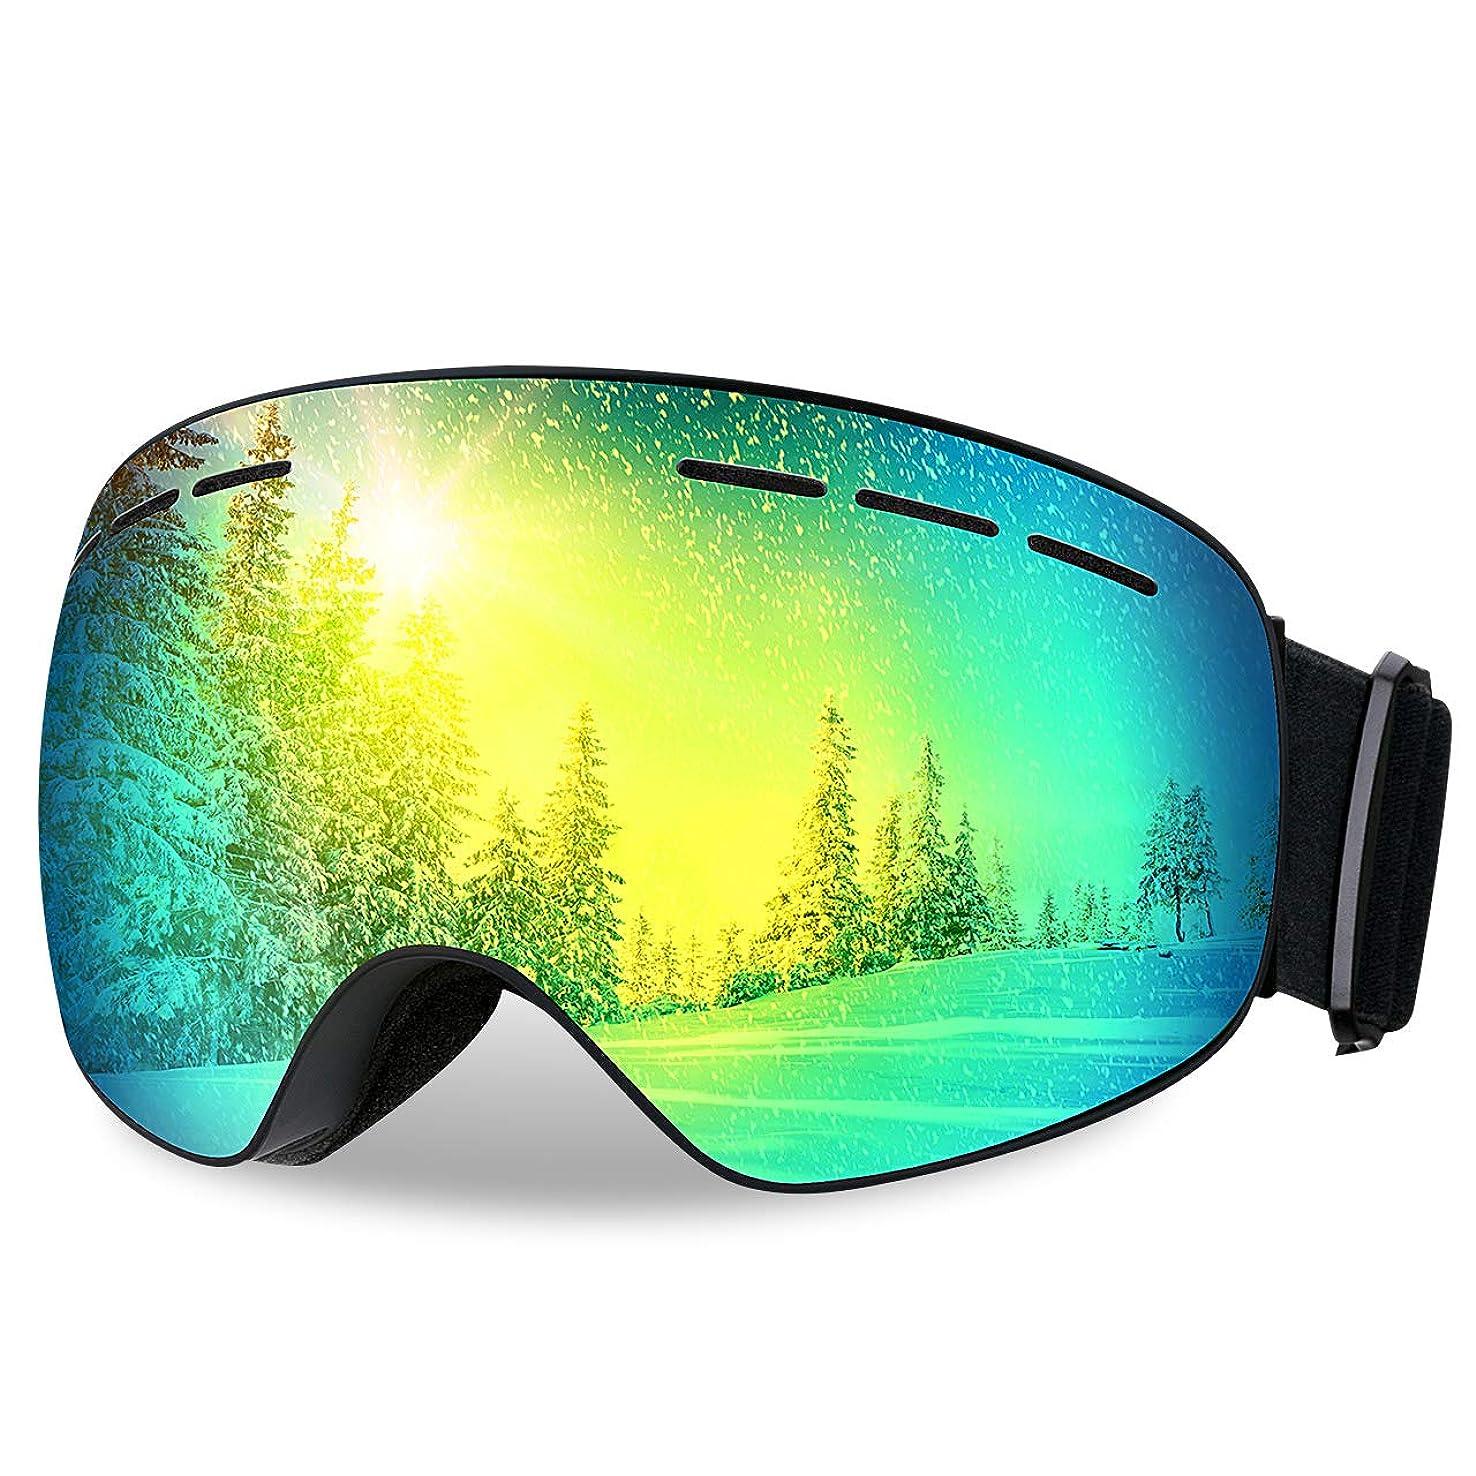 元に戻すオセアニアいつPatech スノーゴーグル スキーボード 99%UVカット 曇り防止 球面レンズ 防風/防雪/防塵 山登り/スキーなど用 男女兼用